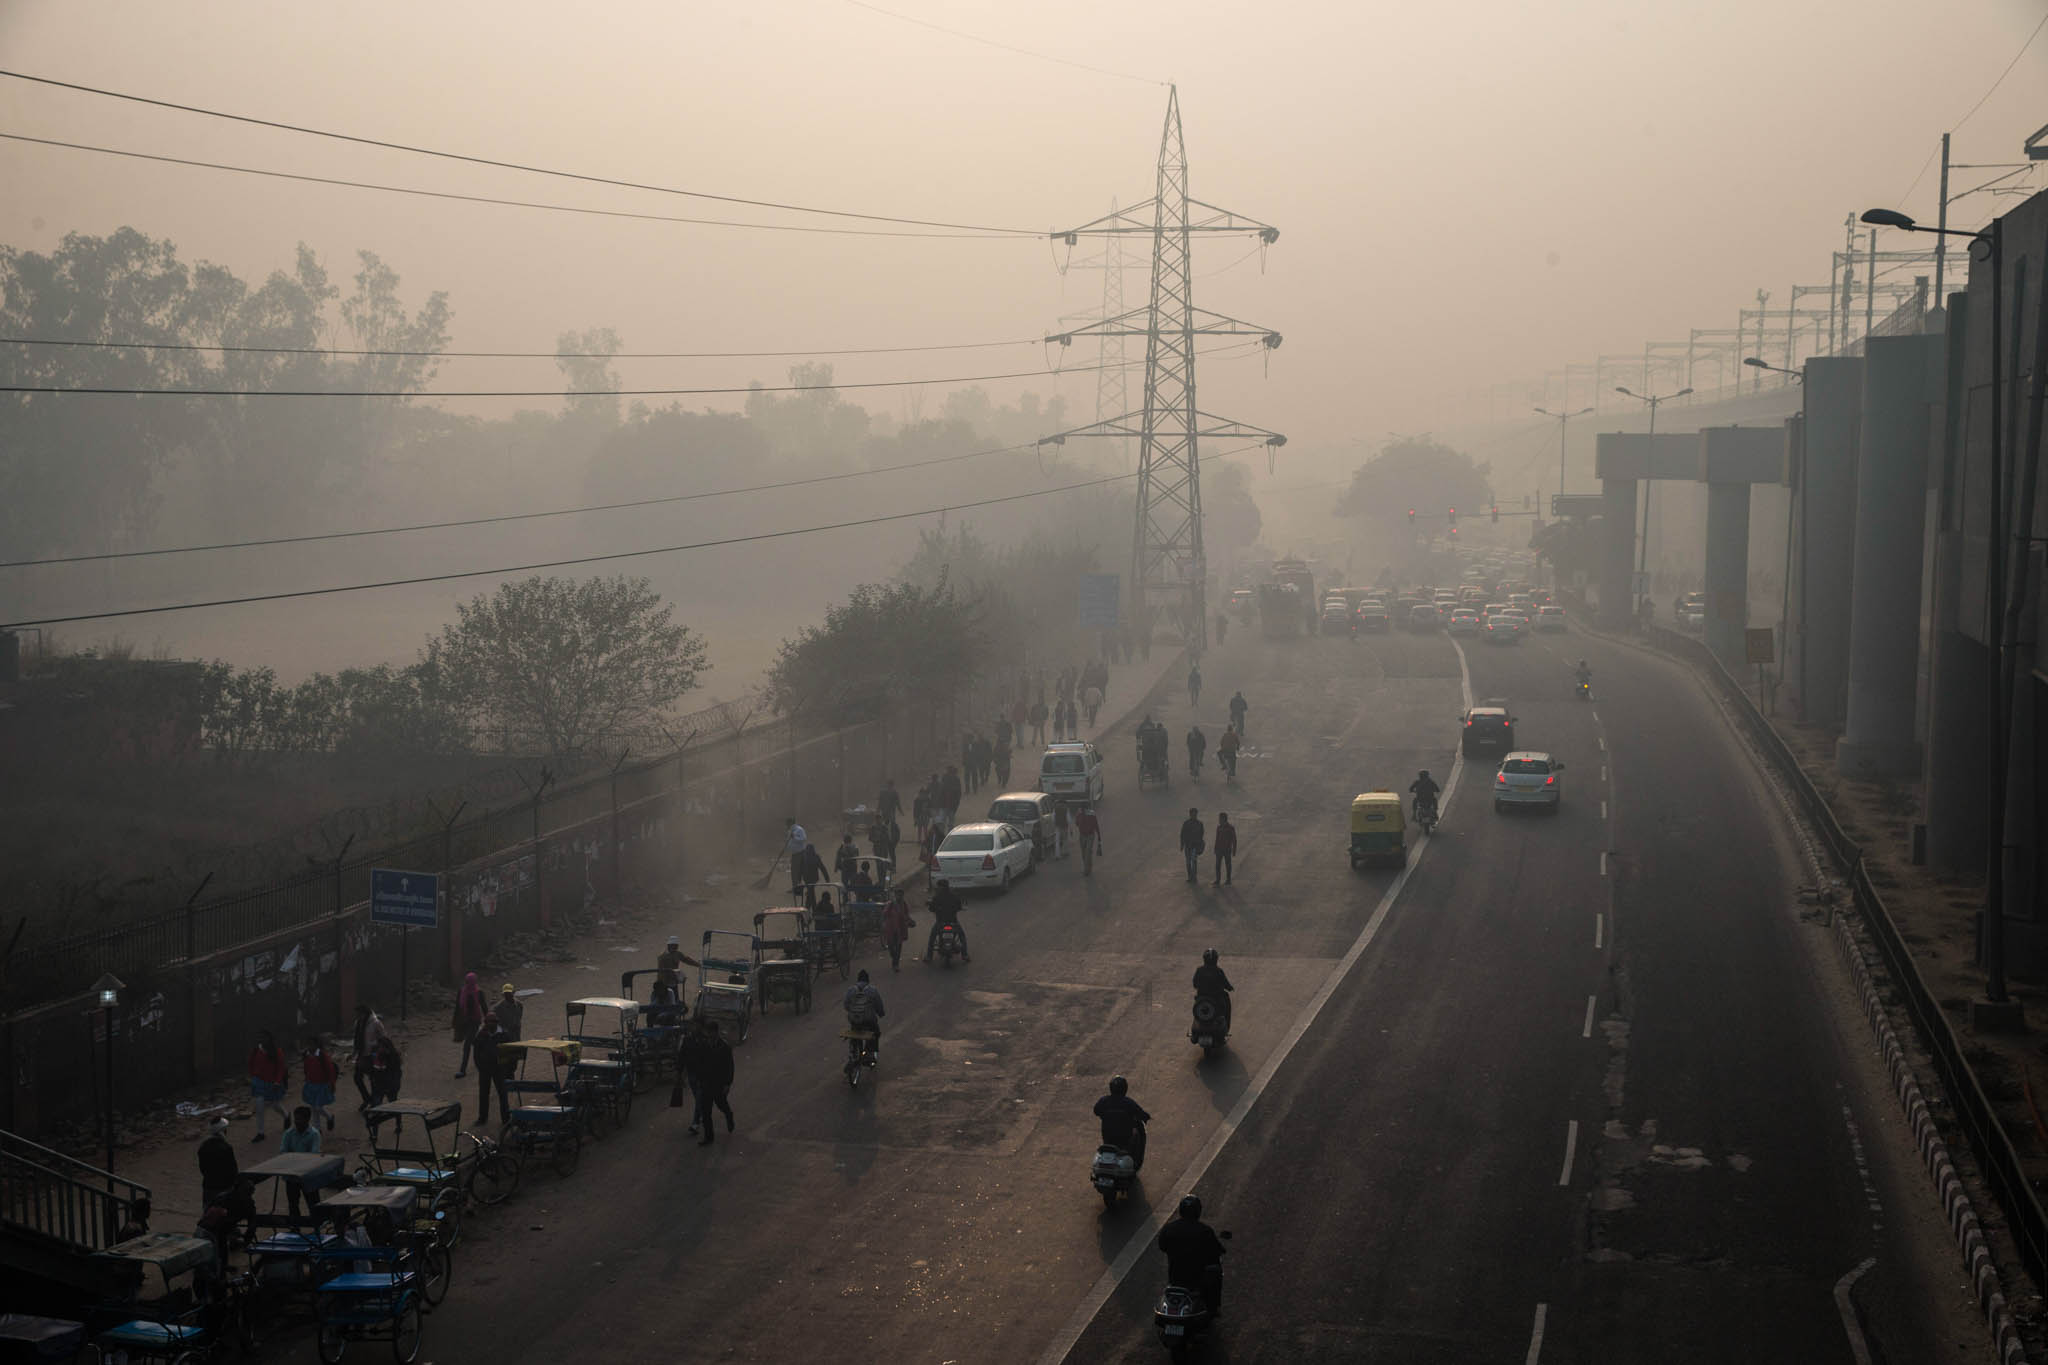 Asap menutupi jalan (© AP Images)